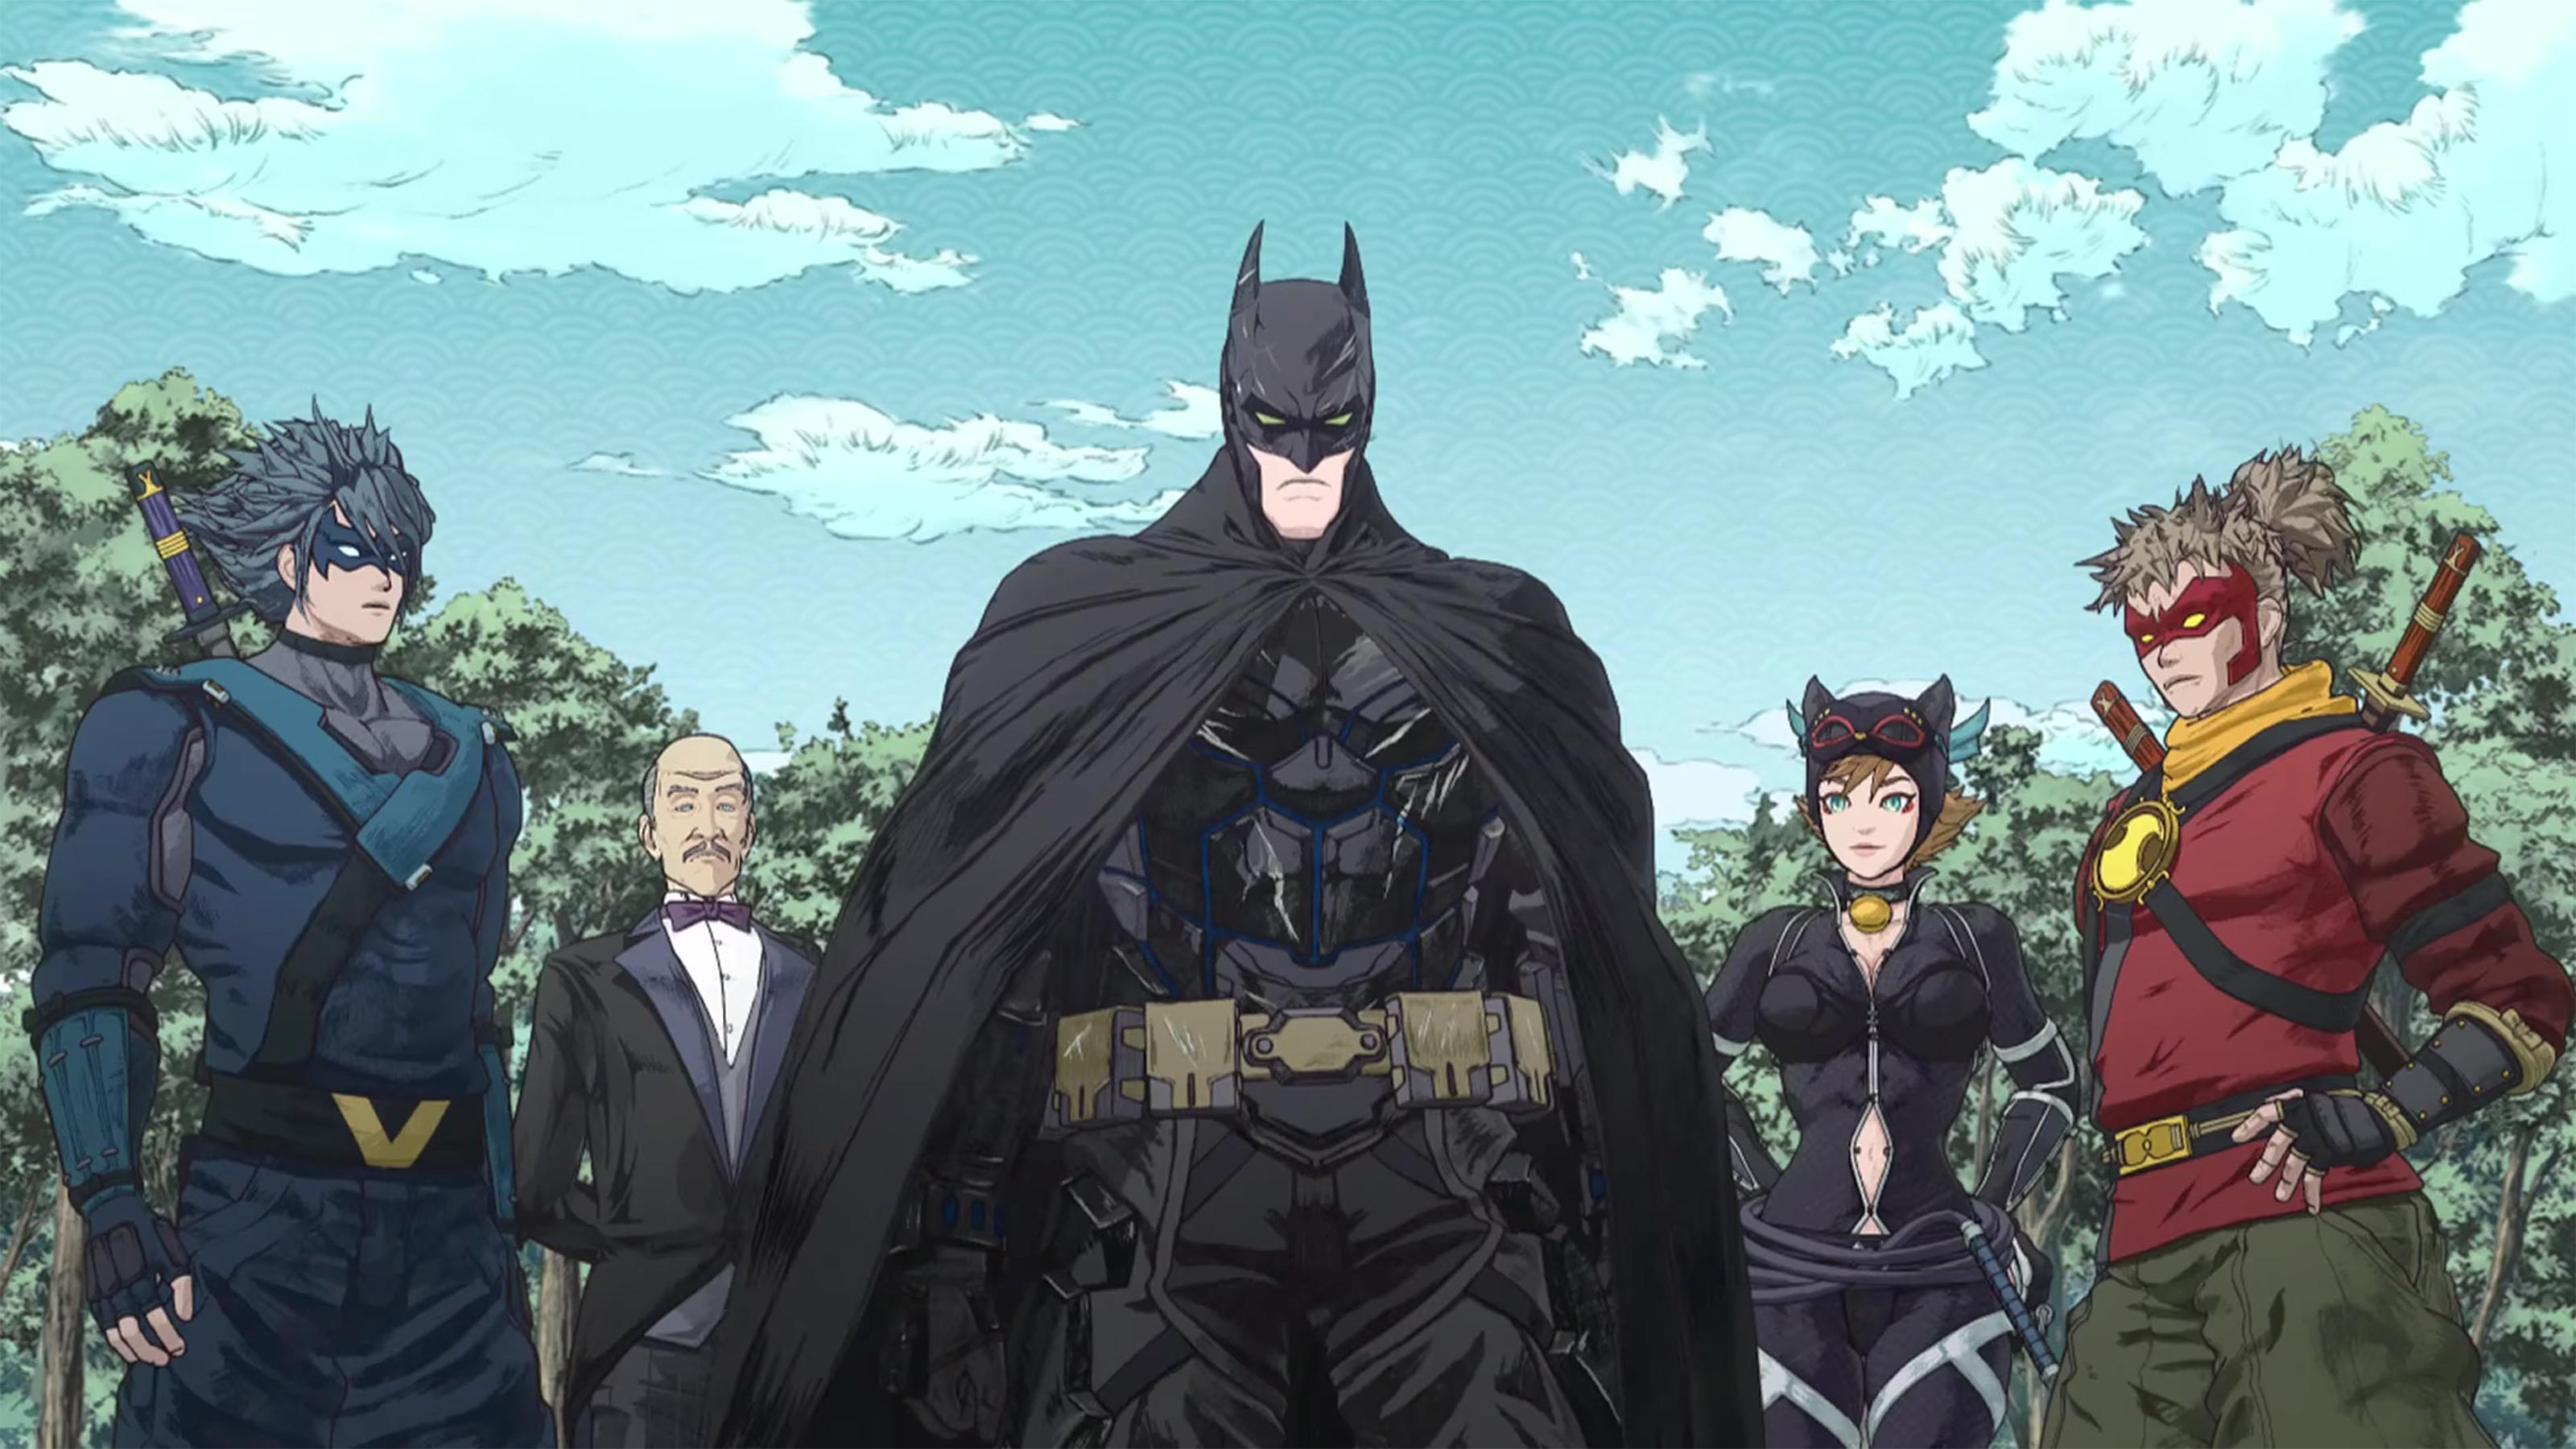 Рецензия на аниме Batman Ninja. Лучшее анимационное произведение о супергероях | Канобу